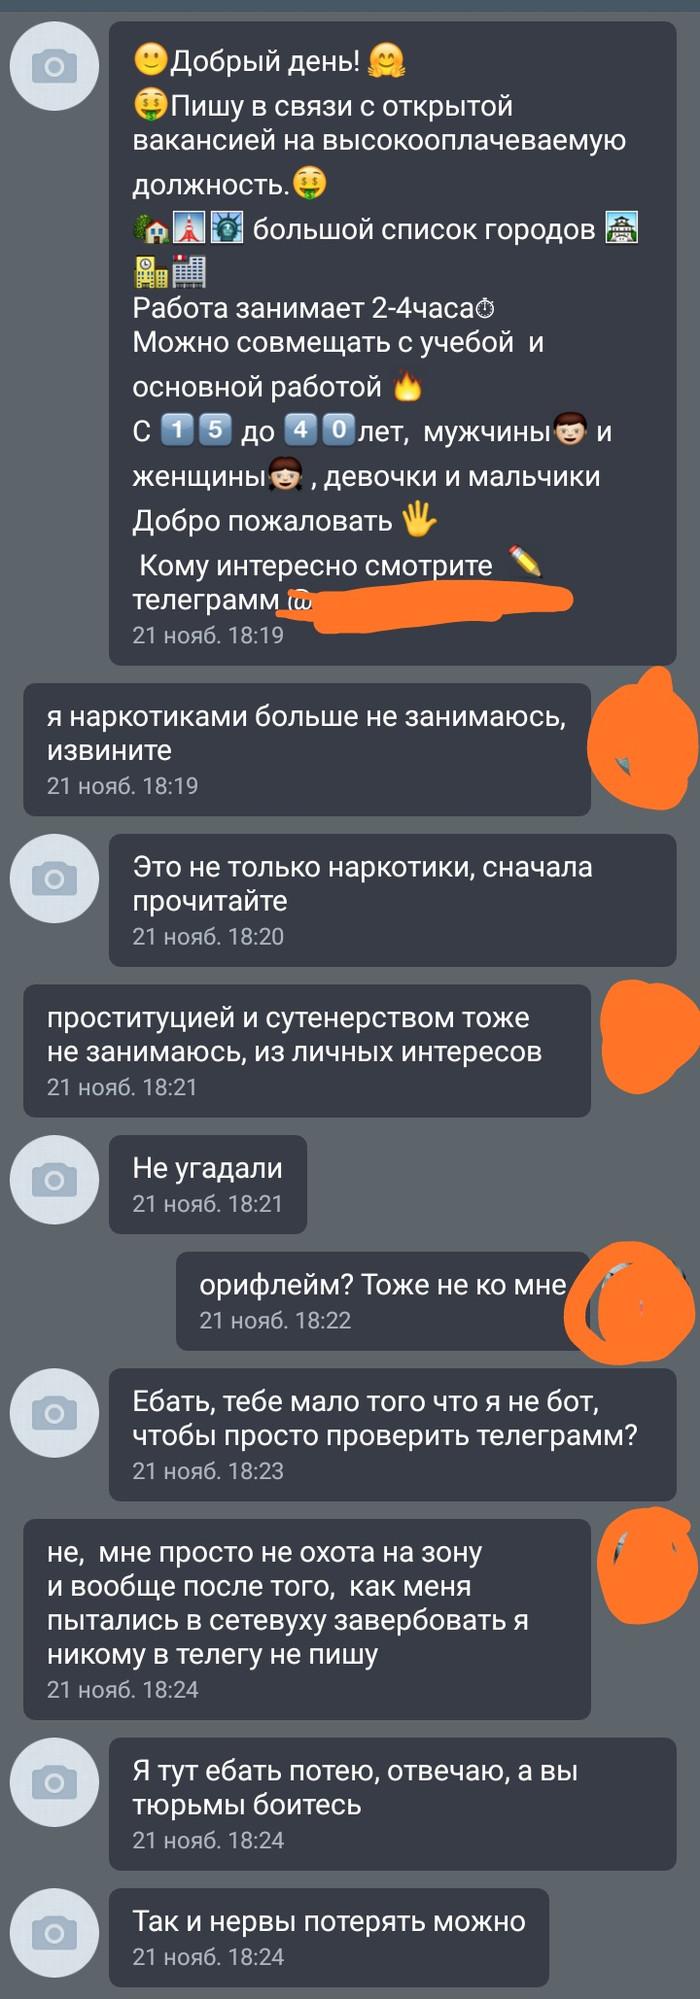 Наркодиллер с очень тонкой душевной организацией Наркотики, Диалог, ВКонтакте, Длиннопост, Скриншот, Переписка